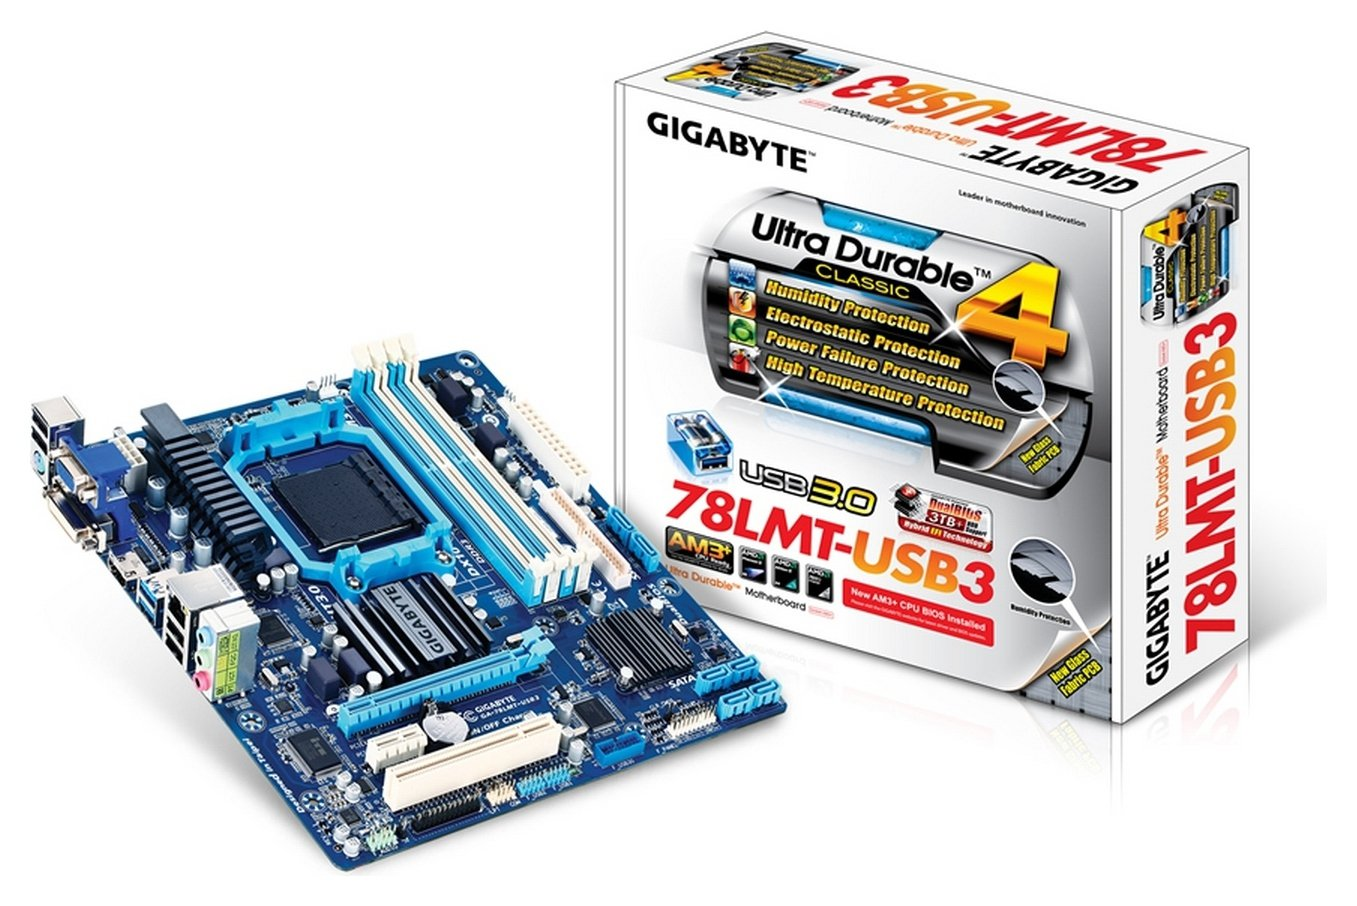 gigabyte-78lmt-usb3-amd-am3-760g-ddr3-motherboard